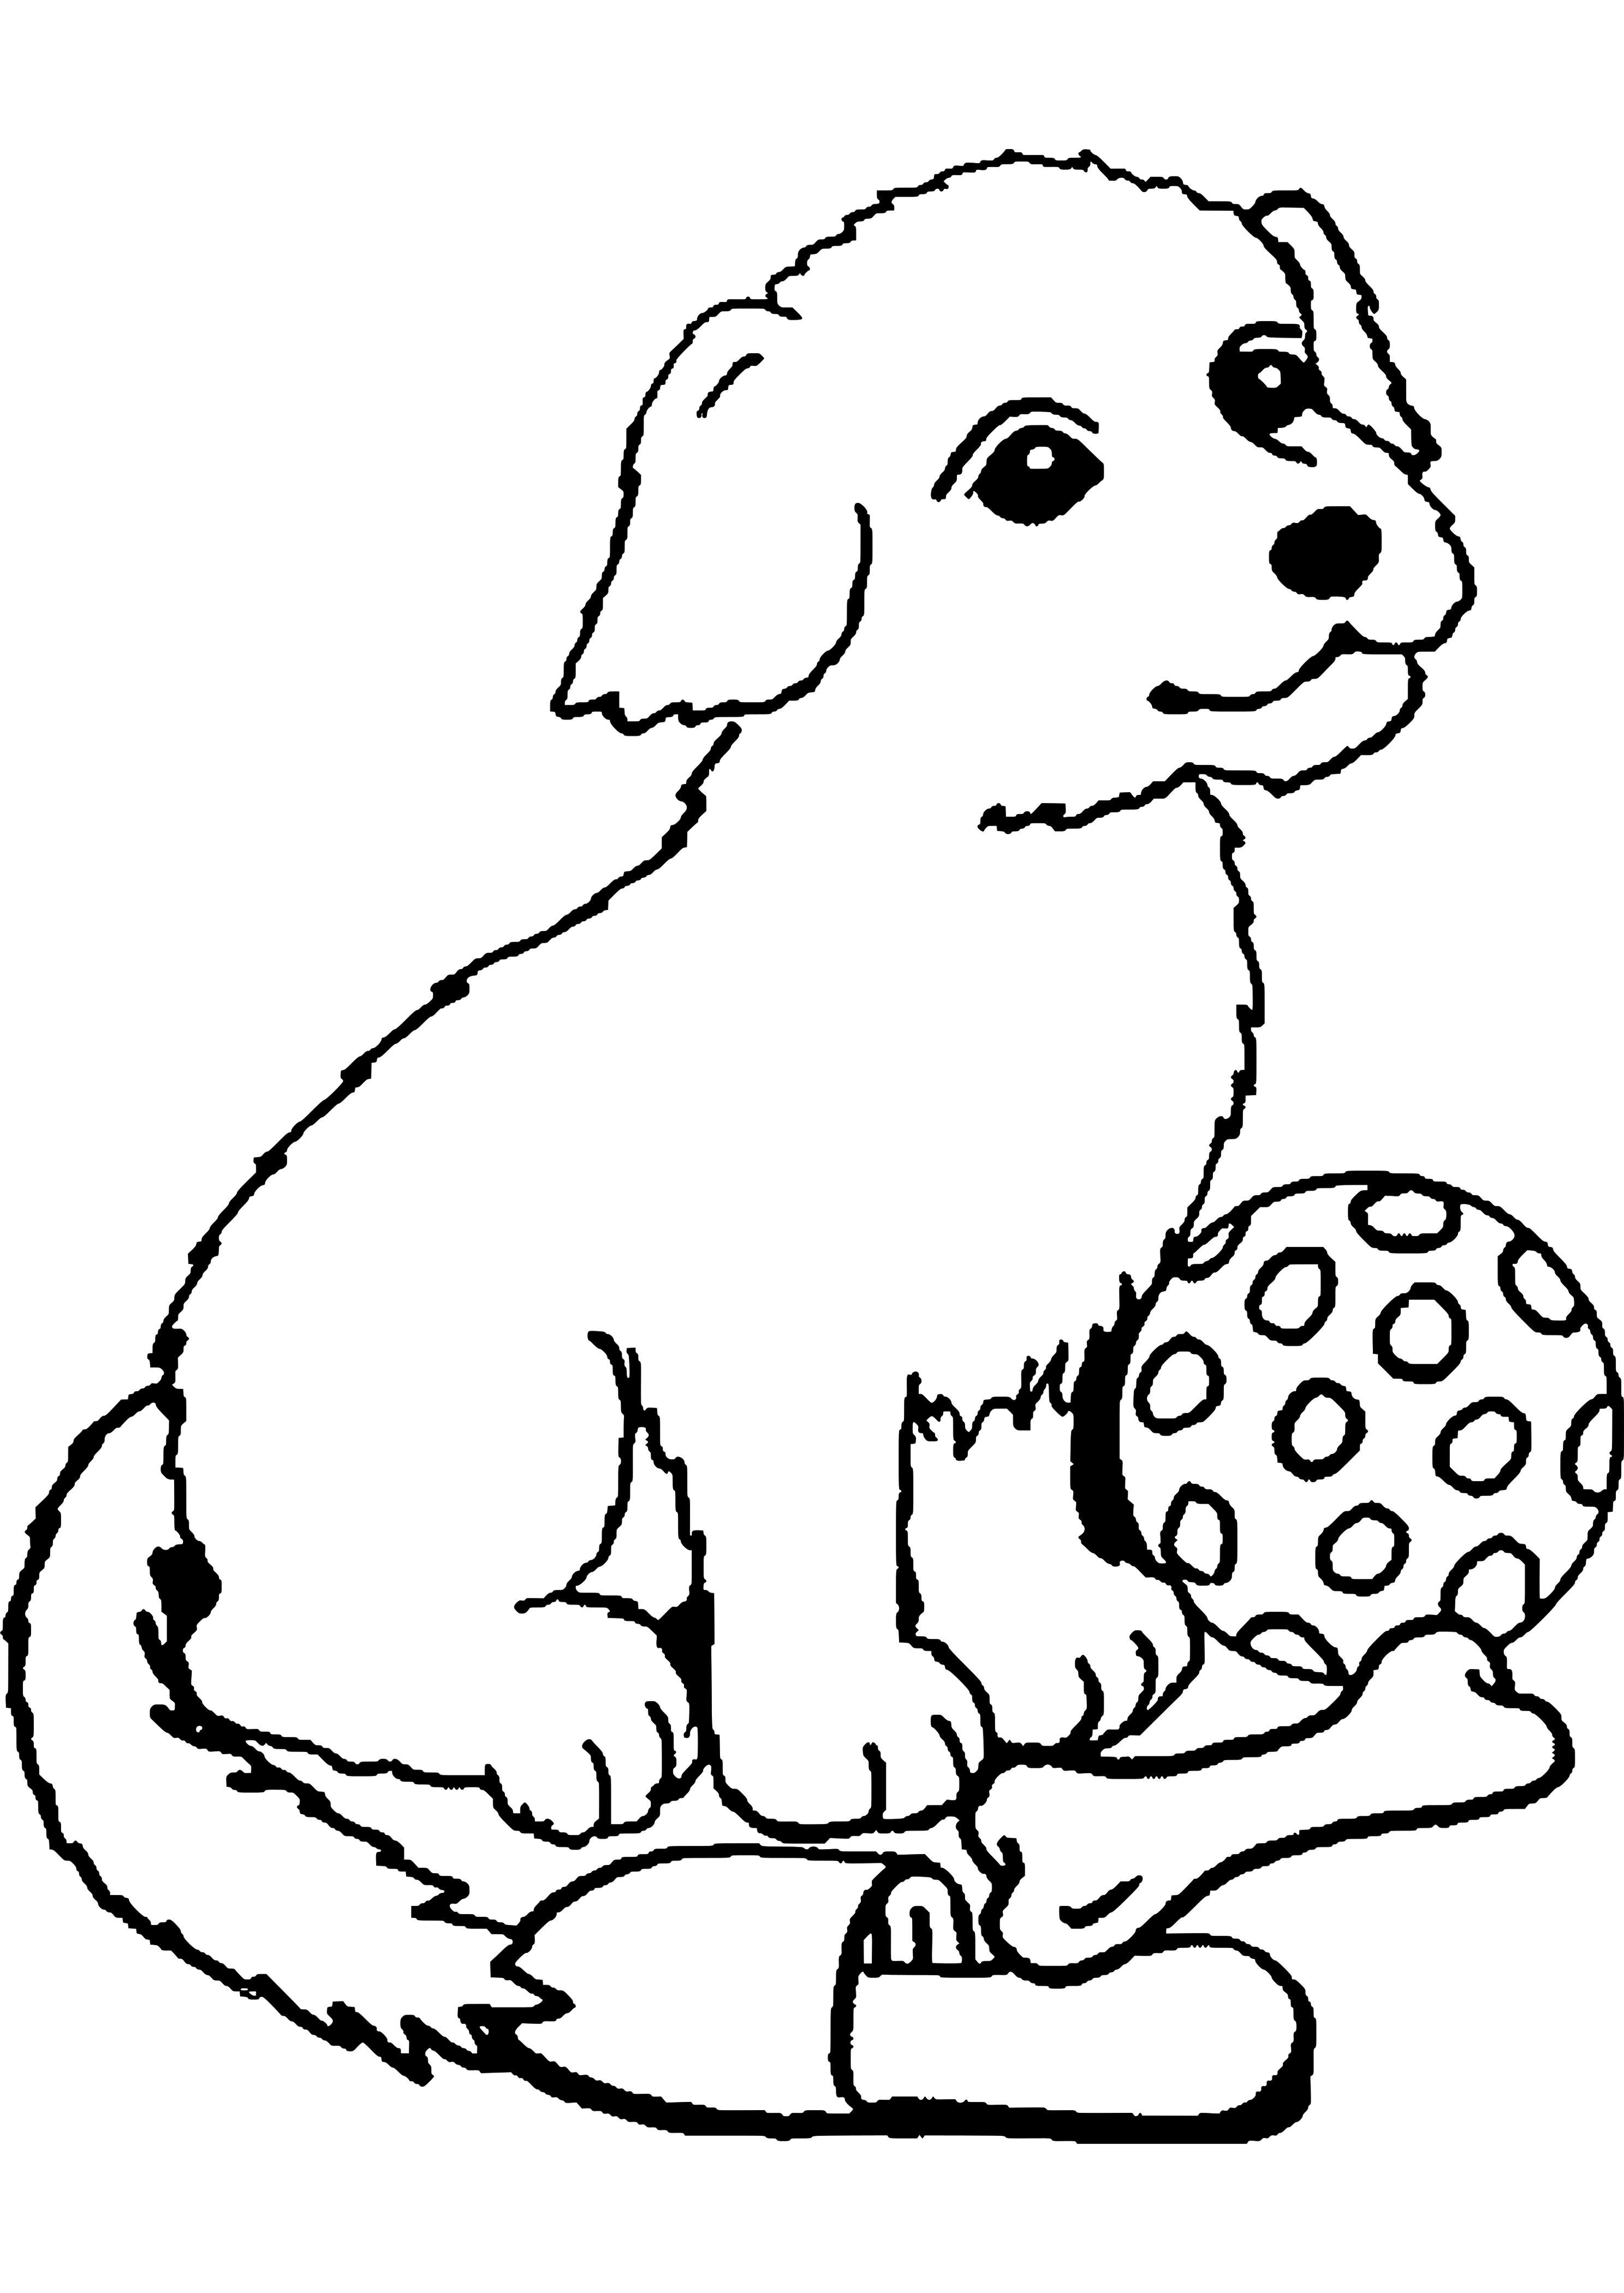 Hund Malvorlage Ausmalbilder Hunde Malvorlage Hund Ausmalbilder Tiere [ 4200 x 2975 Pixel ]